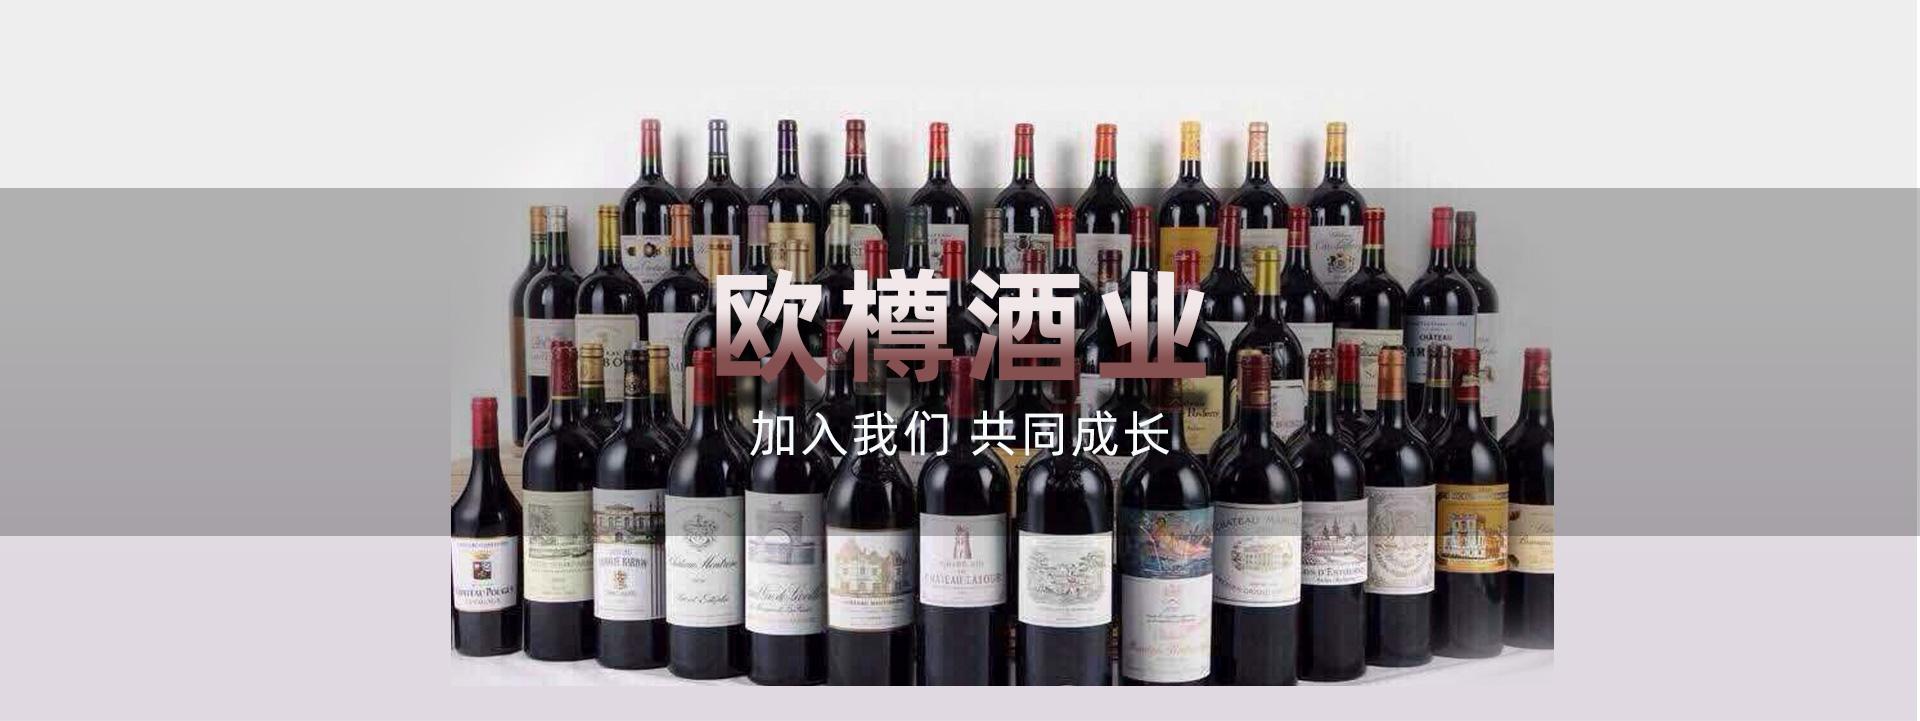 快消加盟-欧樽酒业,您身边的葡萄酒专家-找加盟就上小宝招商